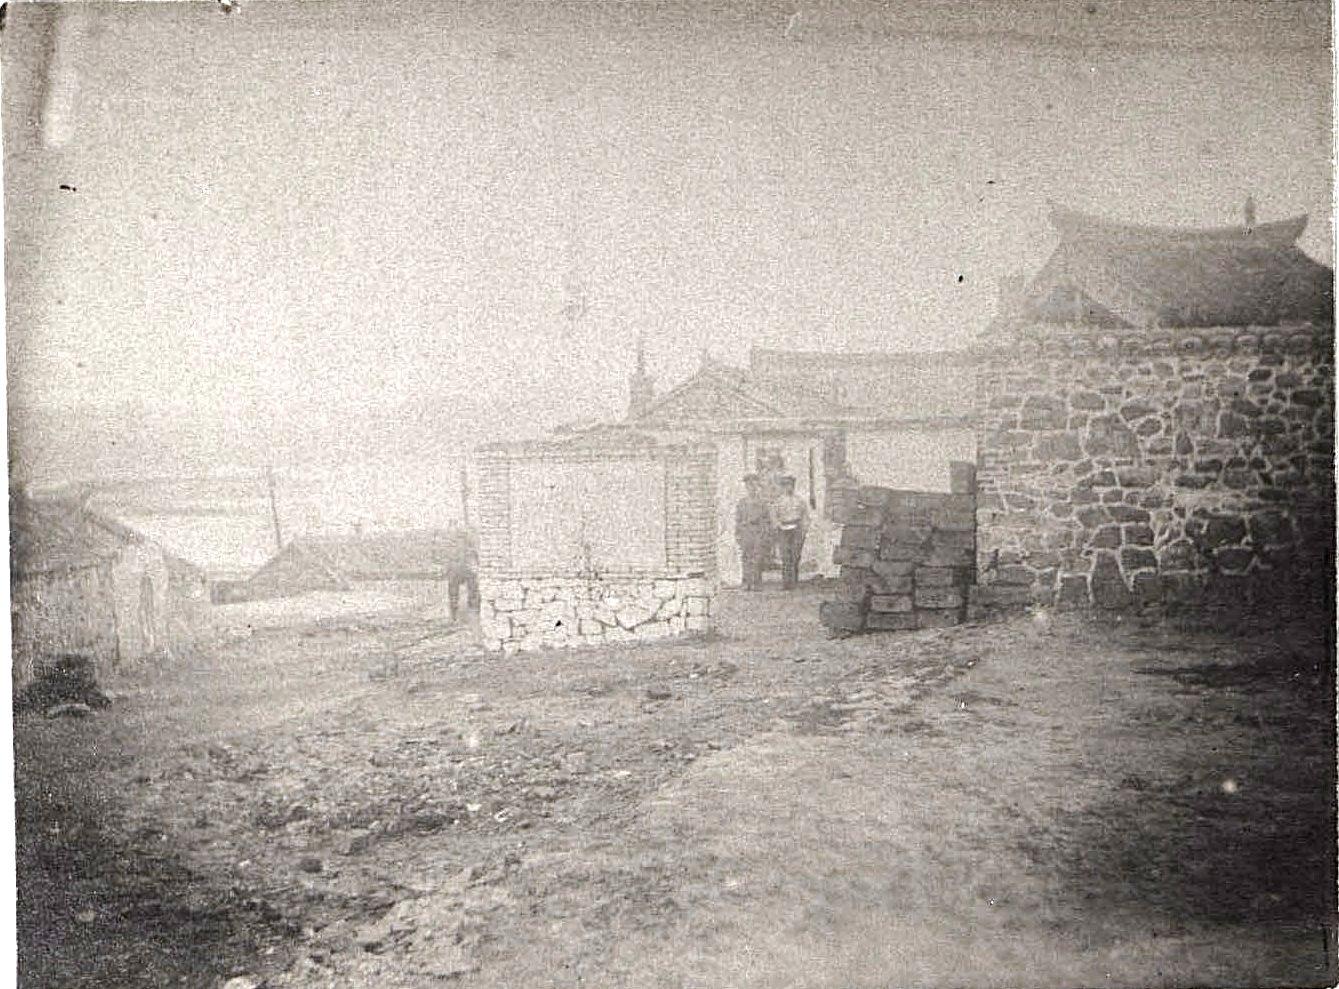 Порт-Артур. Военные около каменных построек